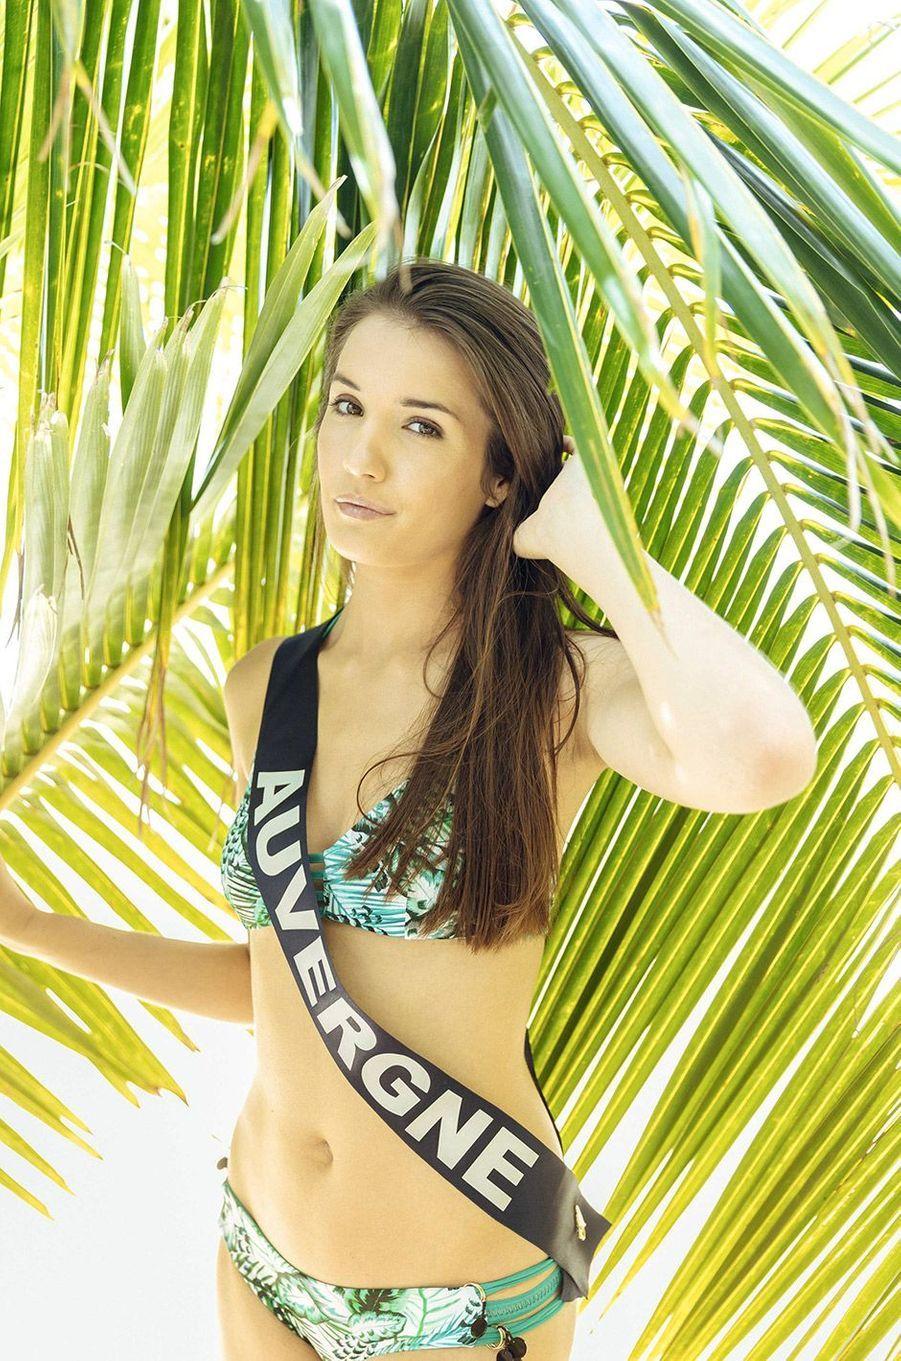 Romane Eichstadt, Miss Auvergne 2018